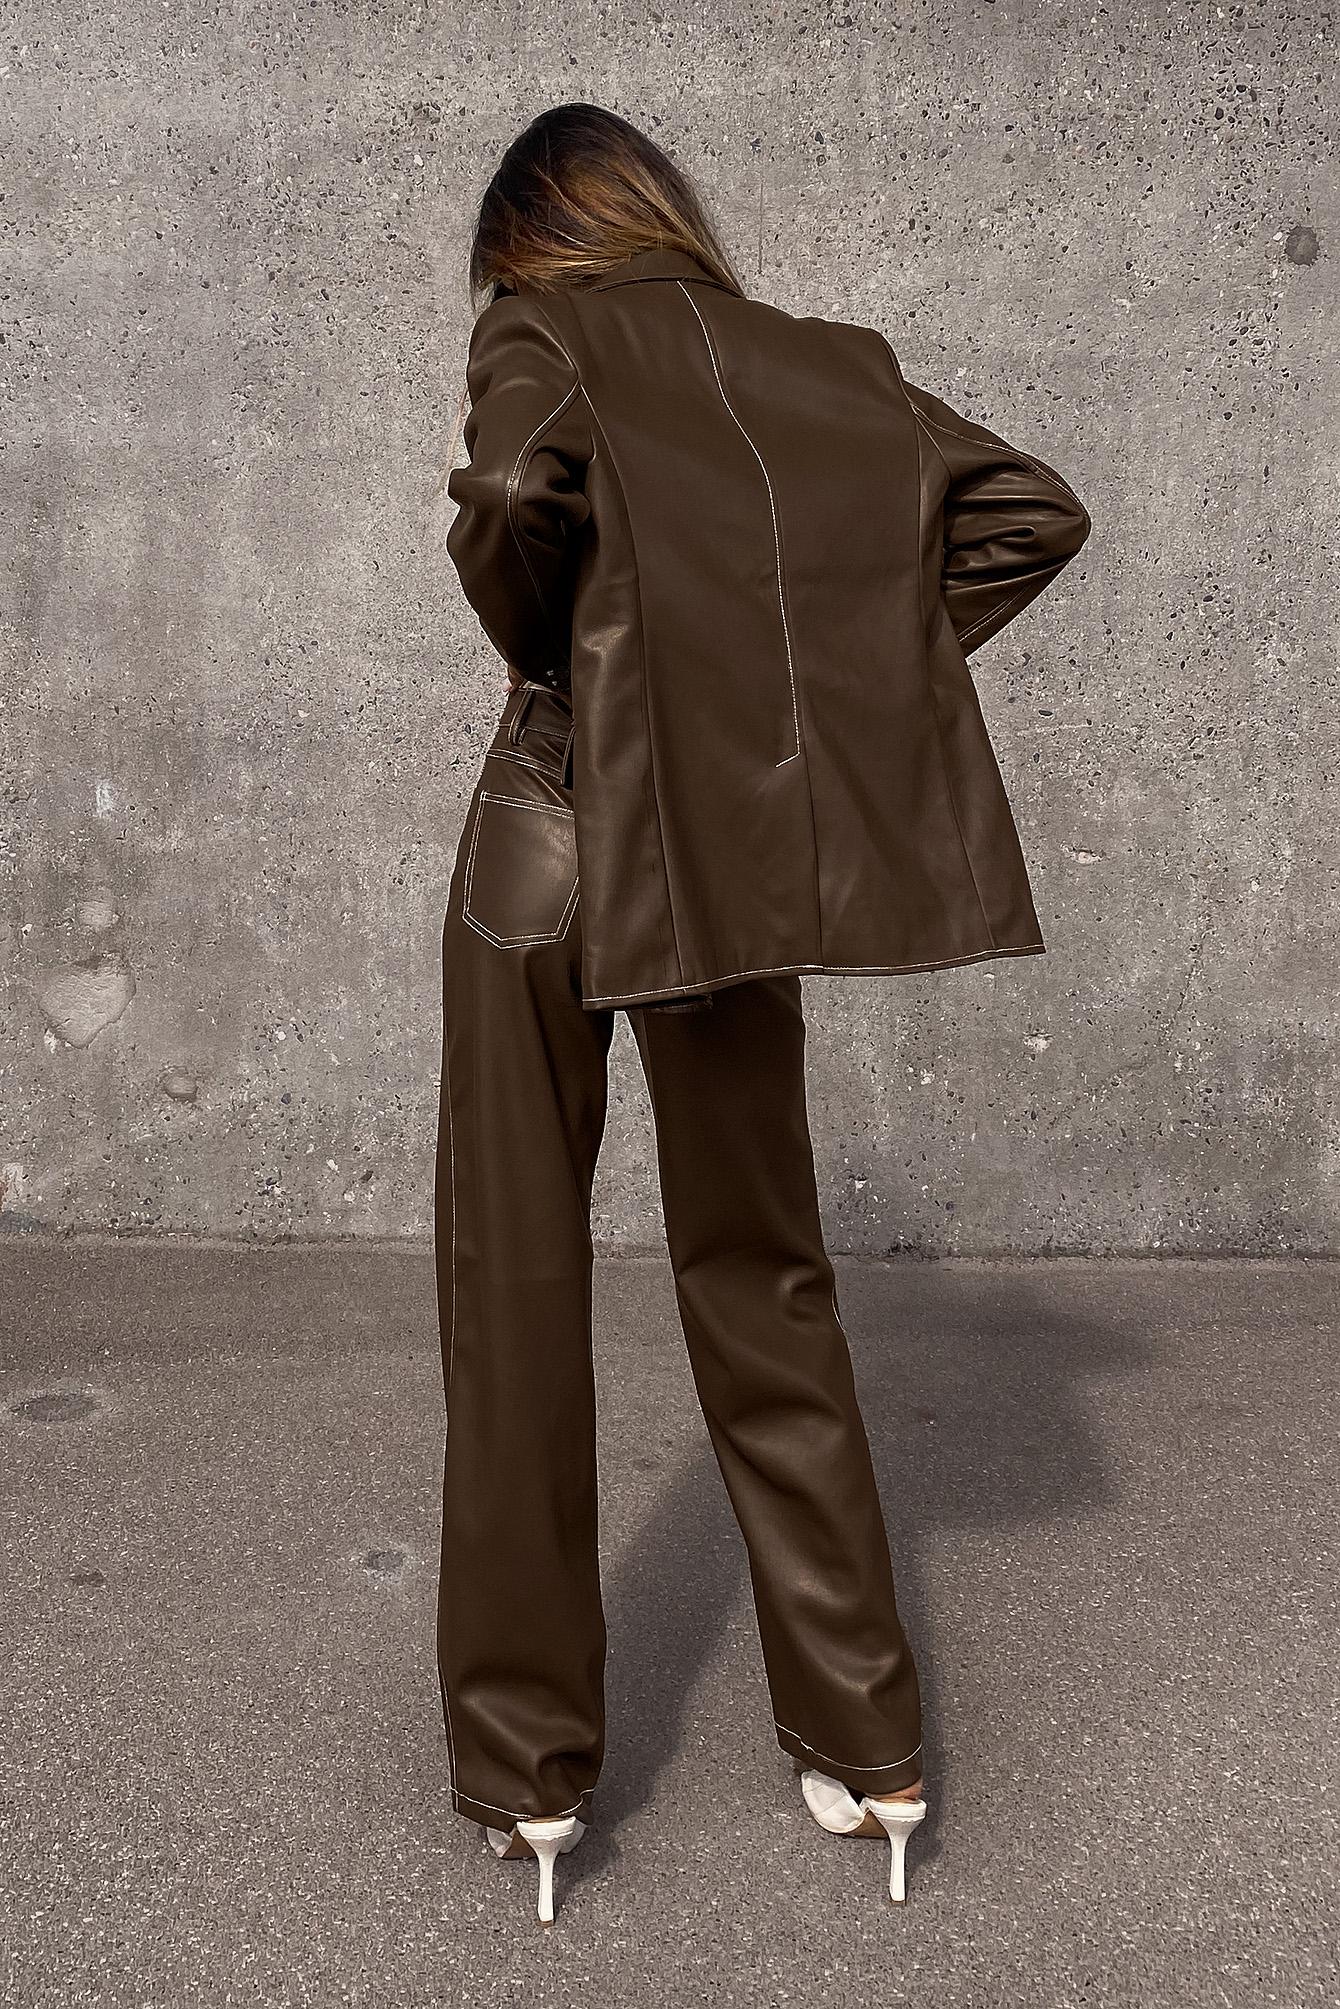 Amalie Star x NA-KD Bukse i PU med kontrastsøm - Brown